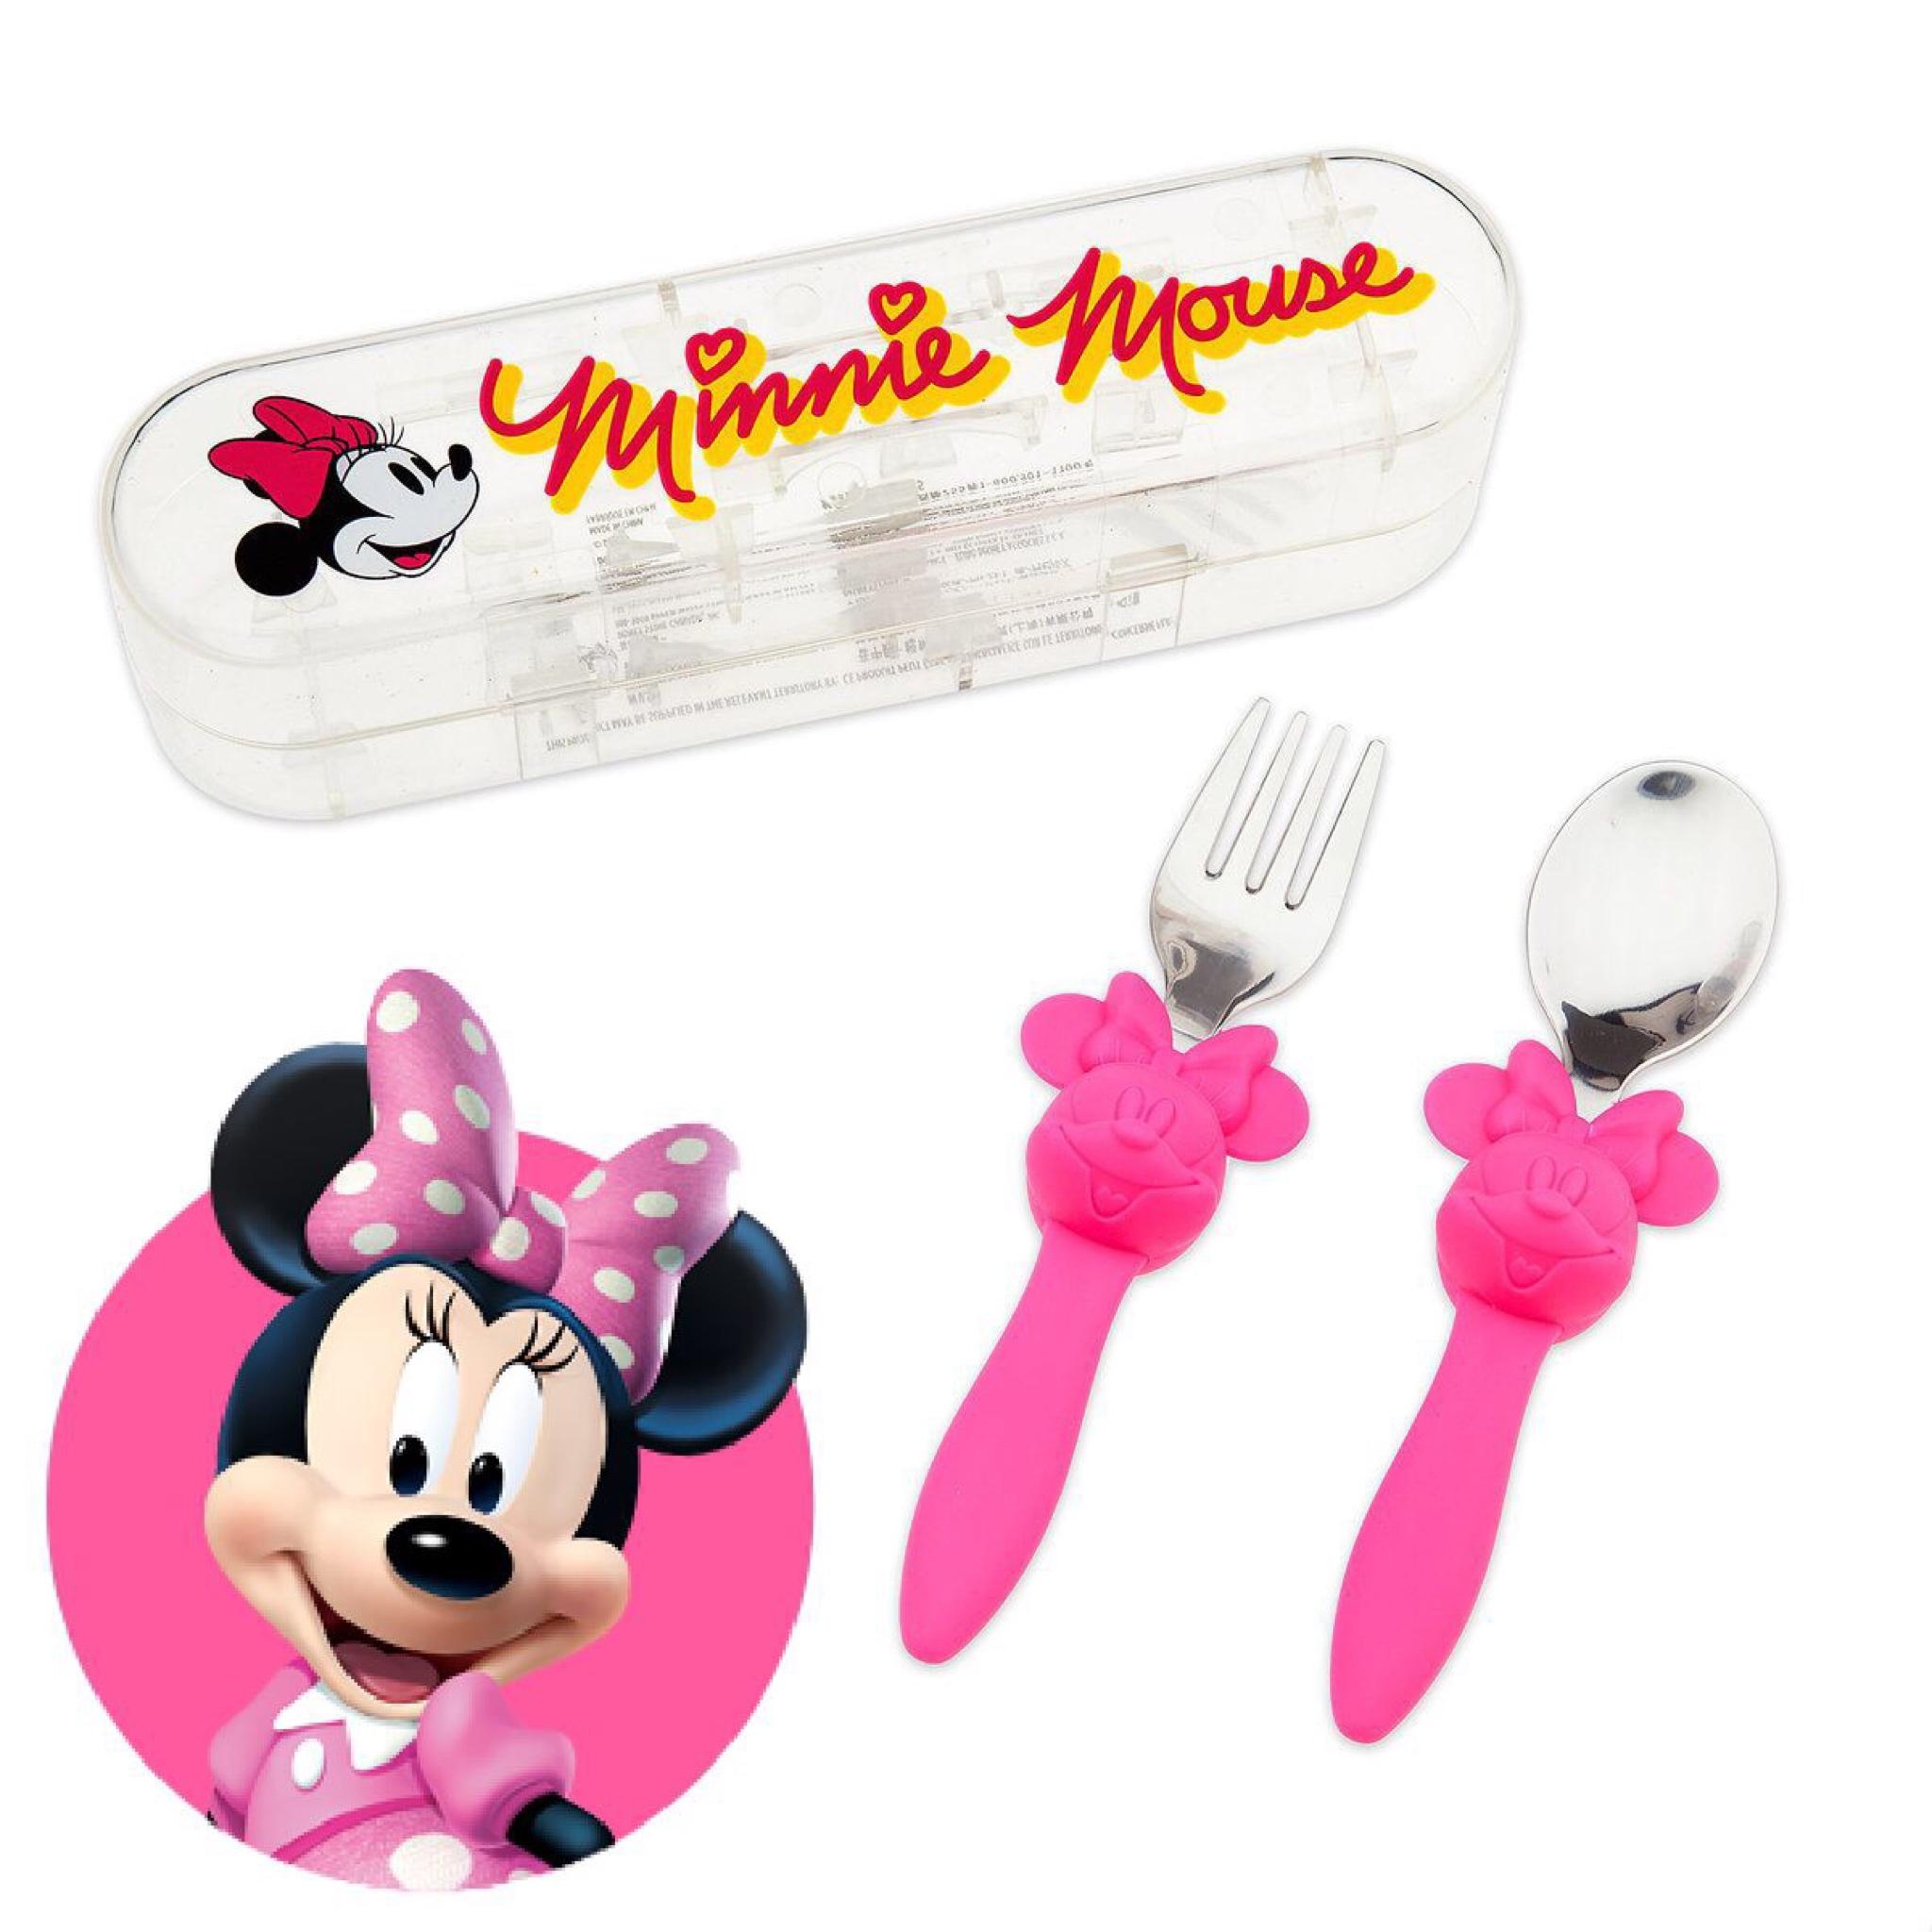 ชุดช้อนและส้อมพร้อมกล่องบรรจุสำหรับเด็ก Disney Eats Flatware Set for Kids (Minnie Mouse)